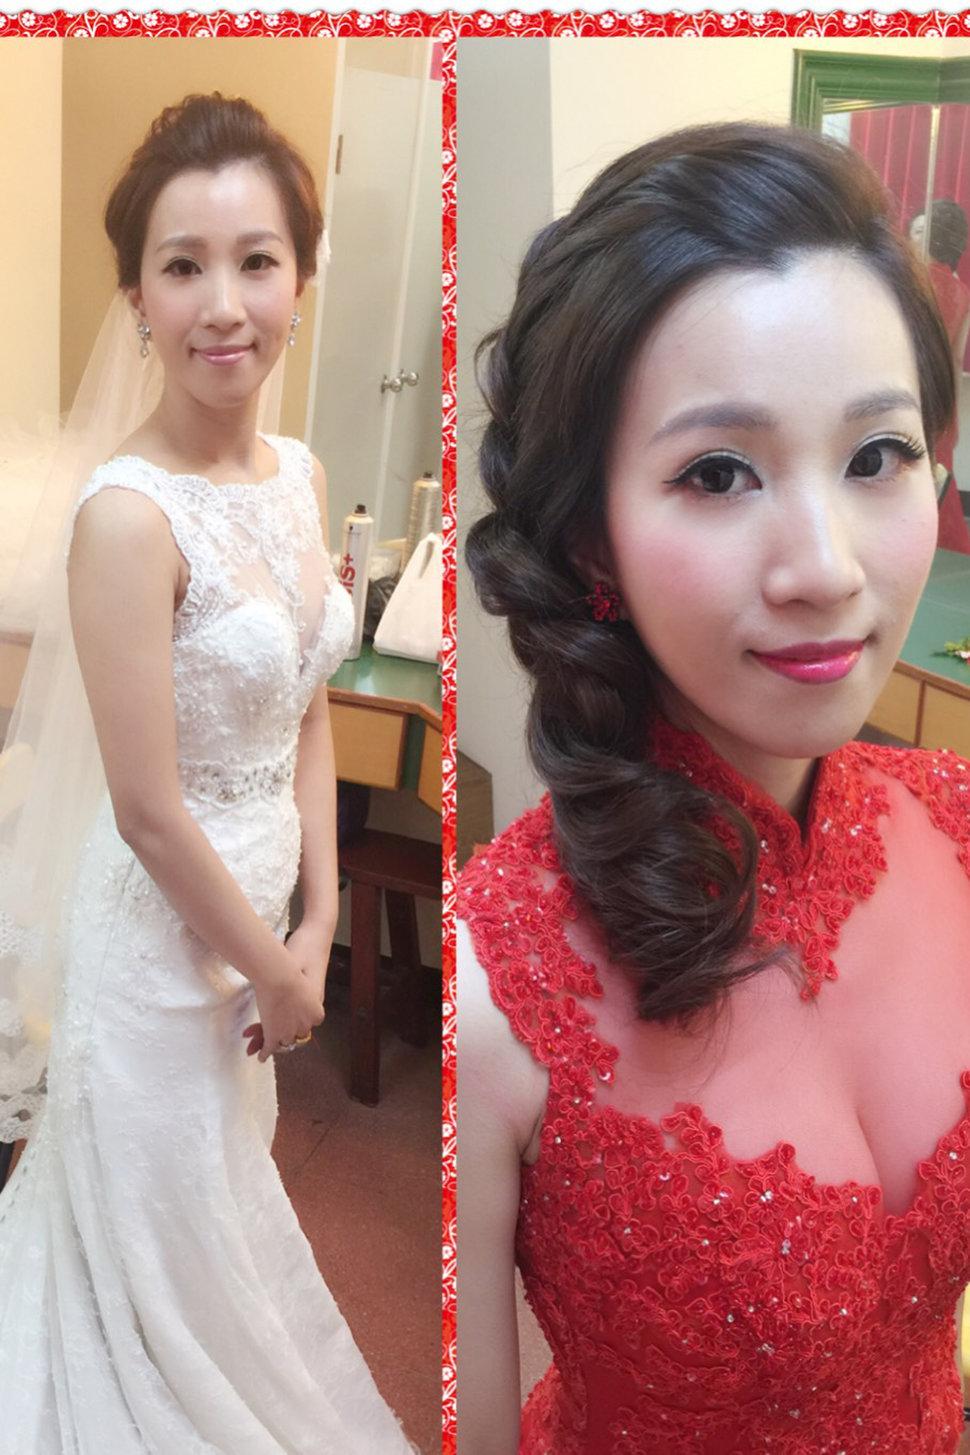 蓓麗宛婚禮事業(編號:559018) - 蓓麗宛婚禮時尚《結婚吧》